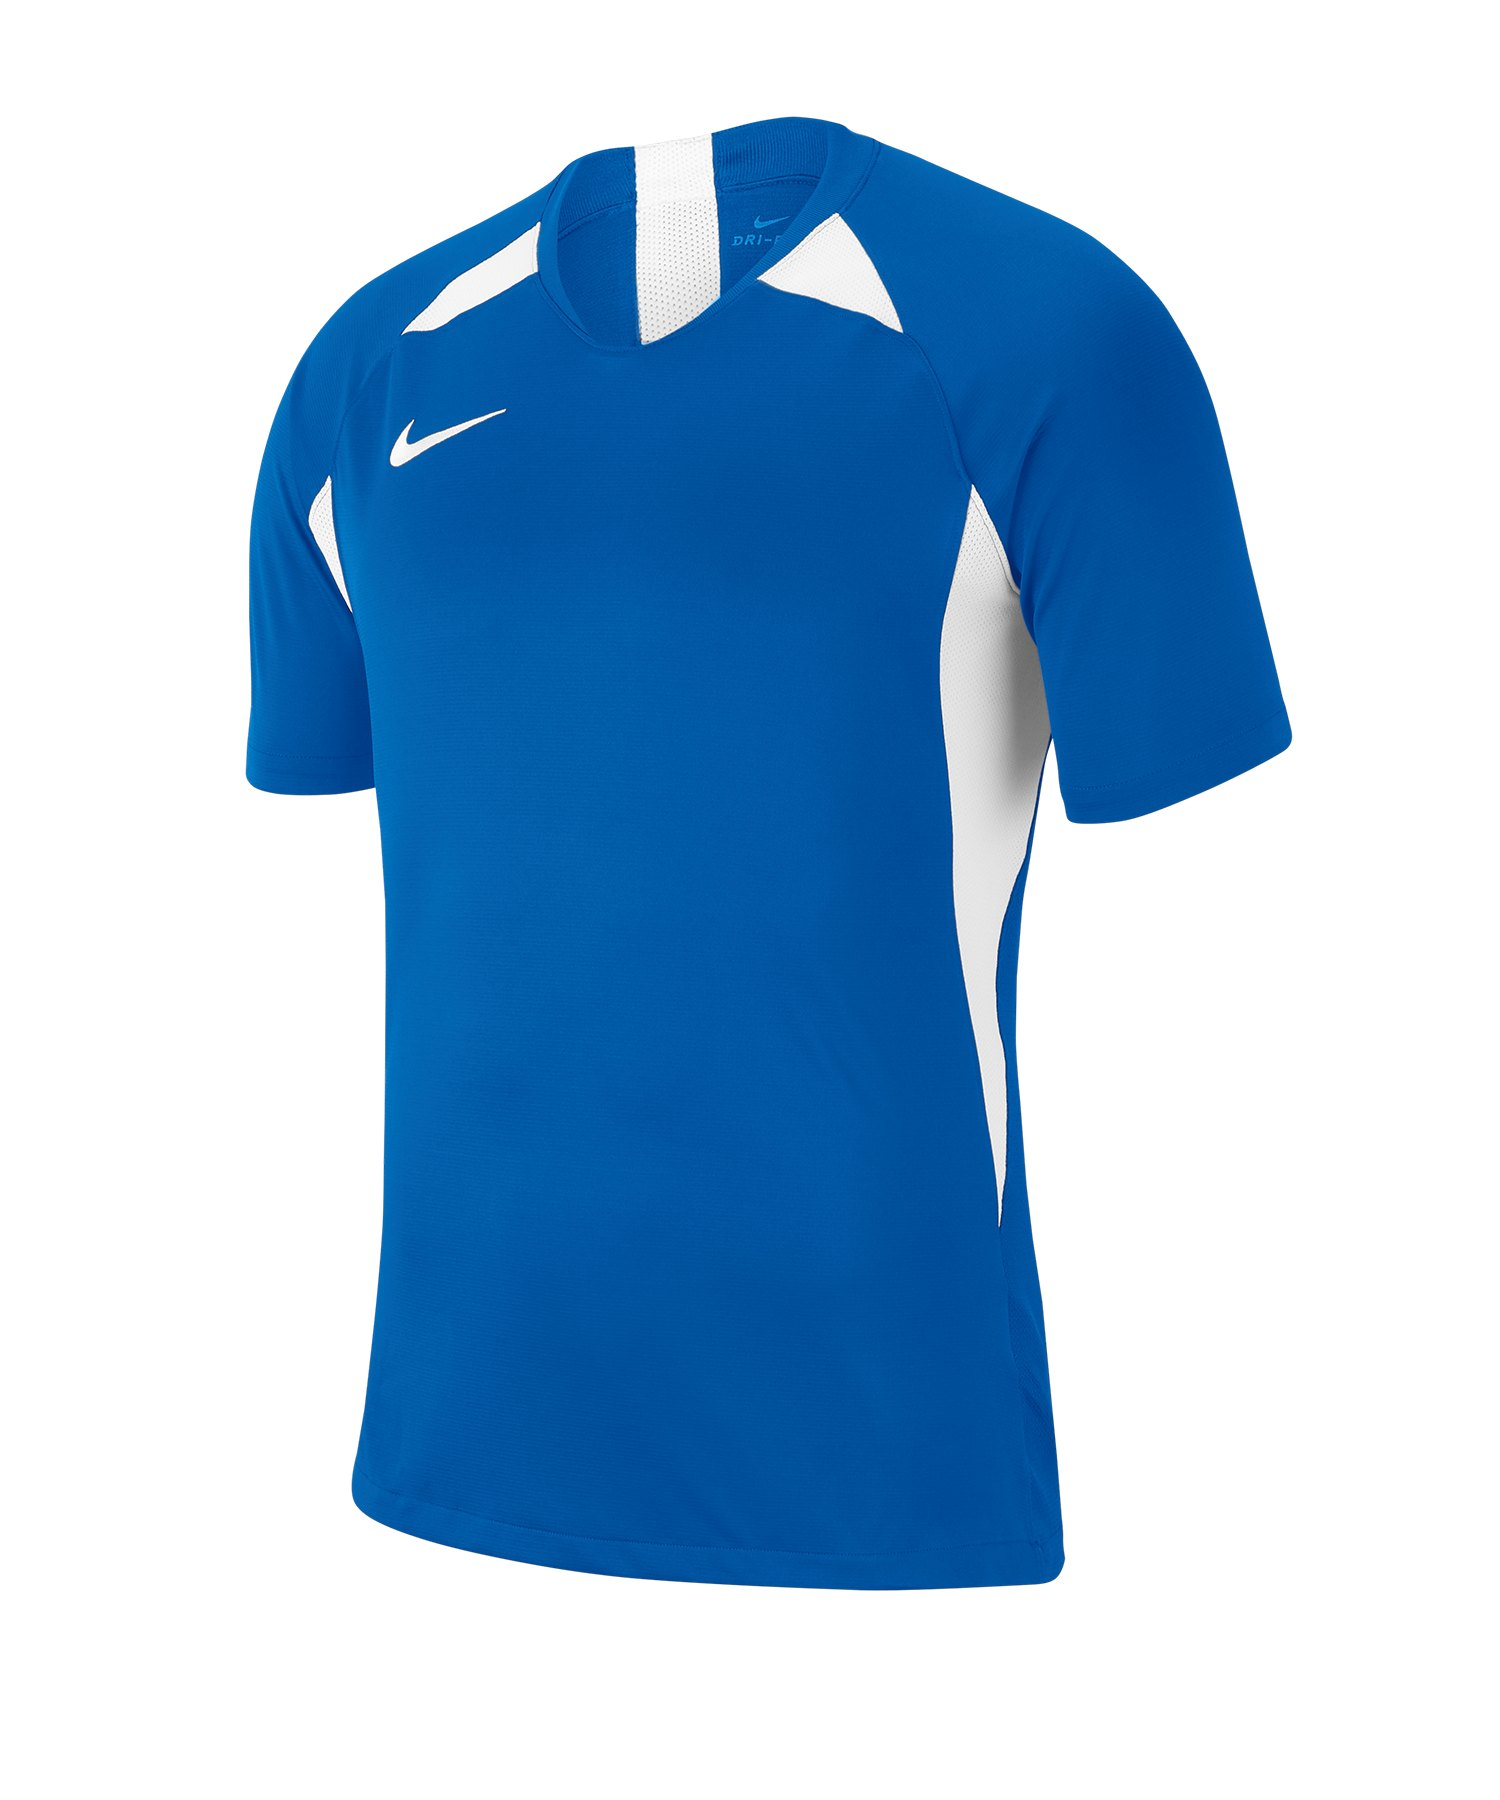 Nike Legend Trikot kurzarm Kids Blau F463 - blau